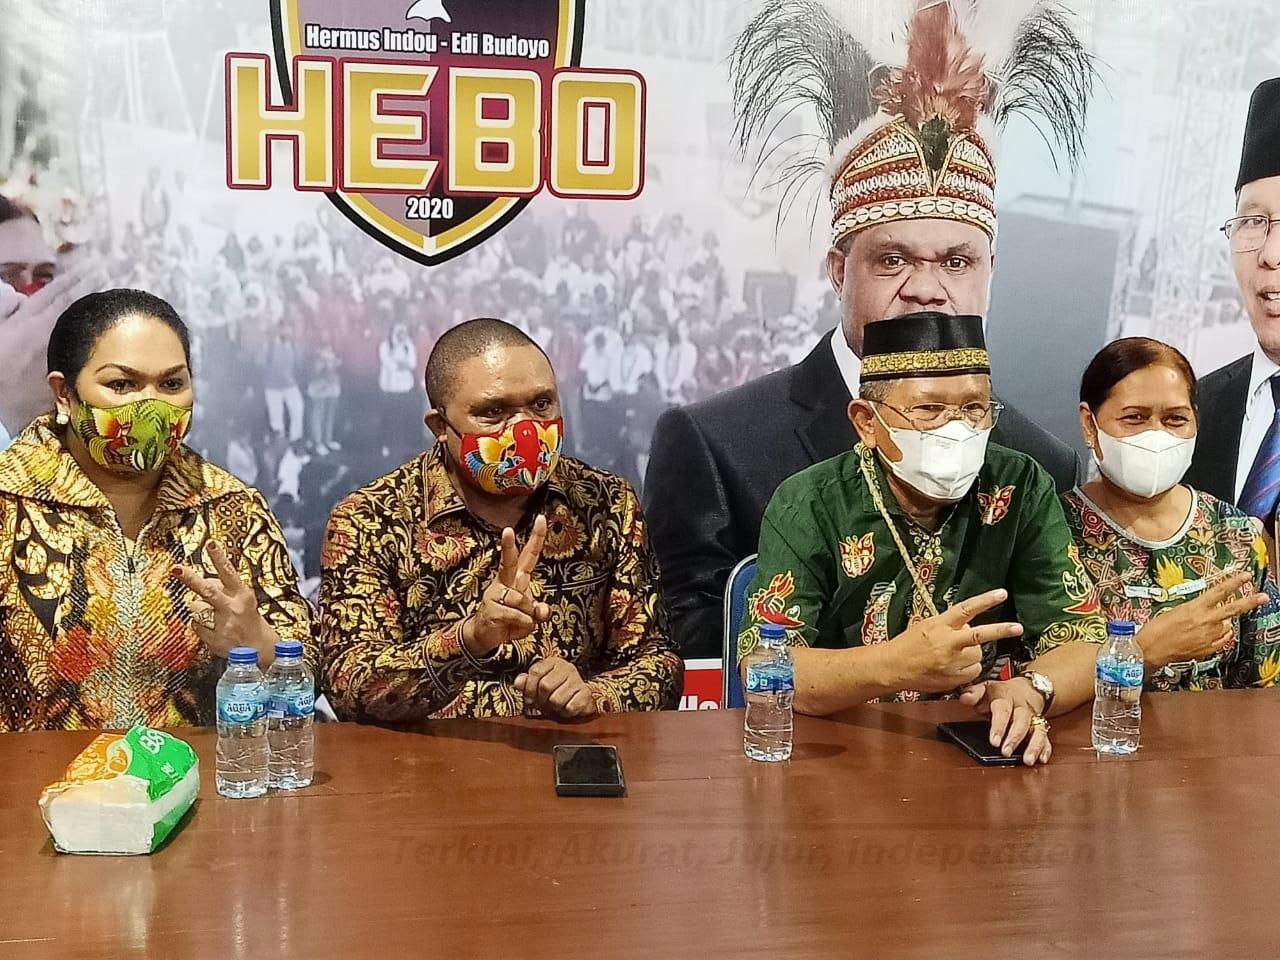 HEBO: Harus Konsisten Dengan Pernyataan Siapapun Yang Menang Tidak Ada Gugatan 24 IMG 20201210 WA0003